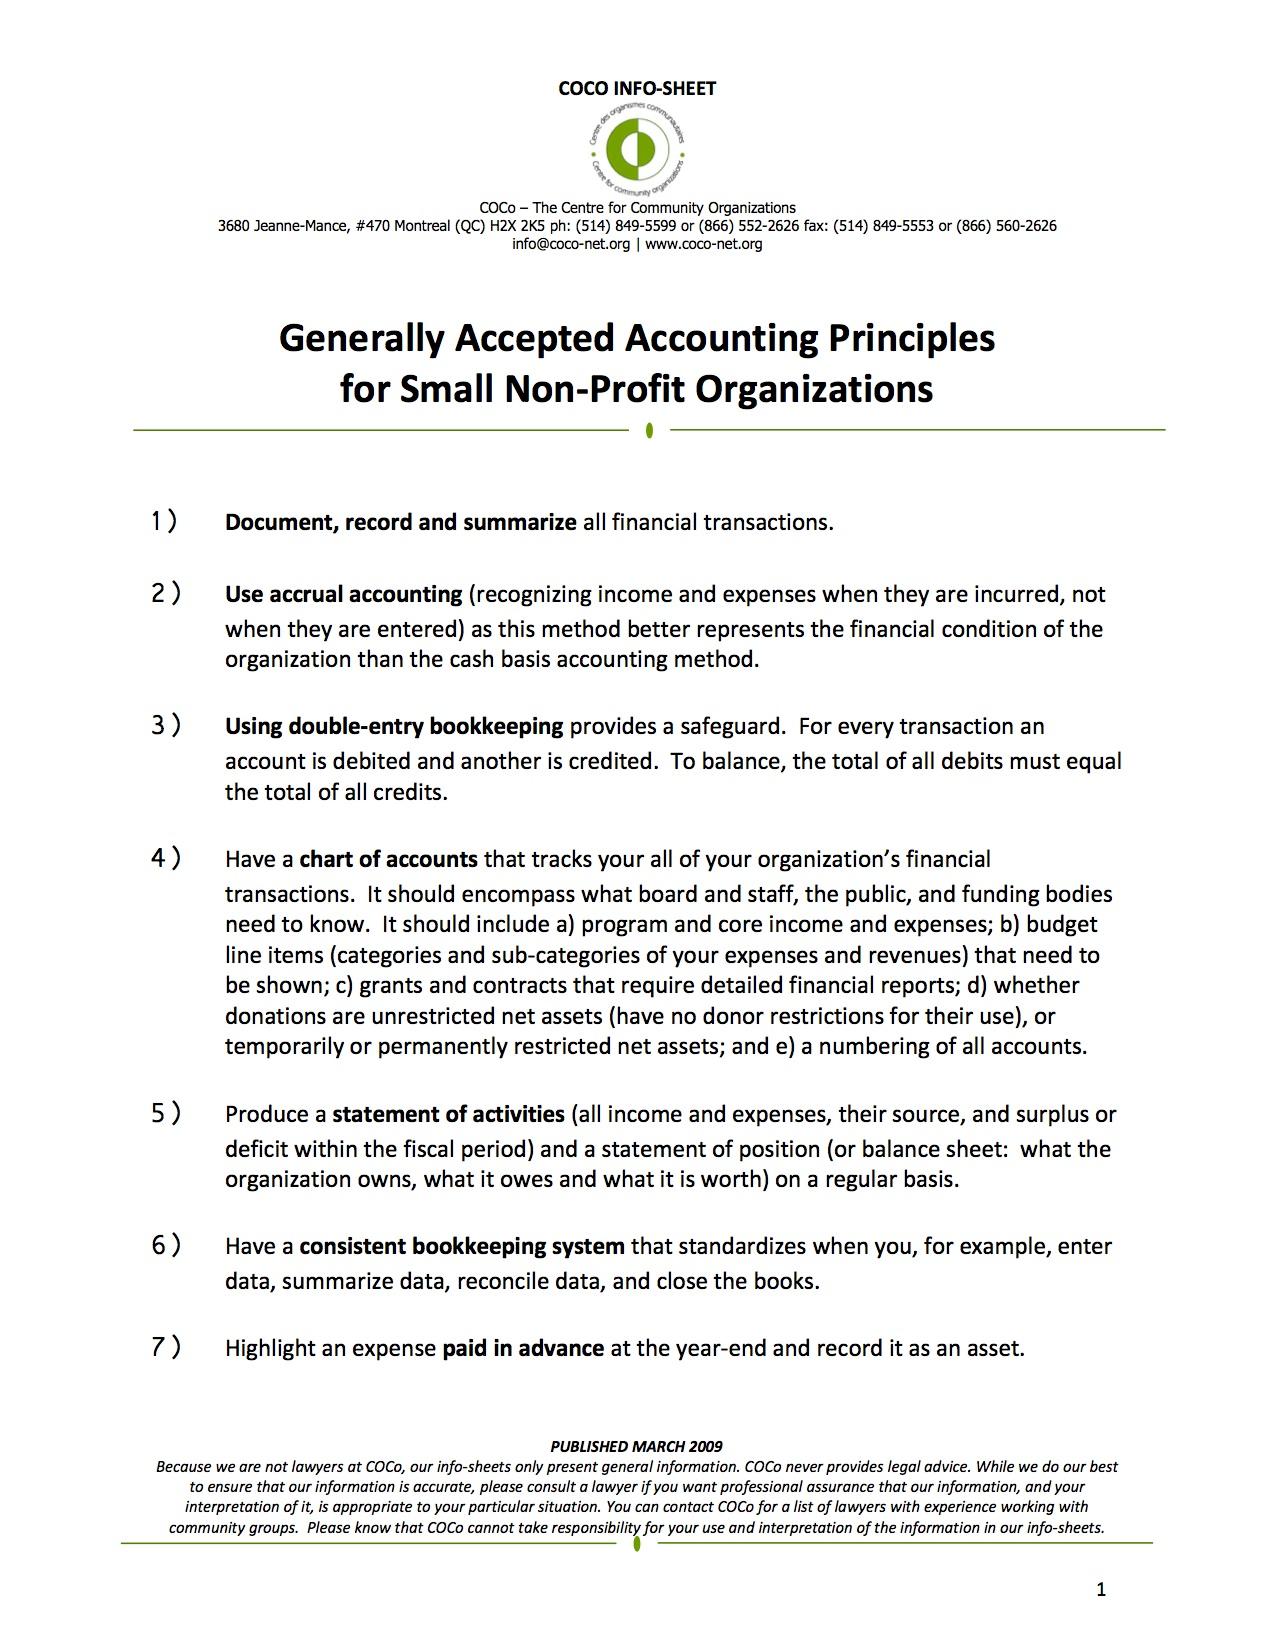 Accounting principles презентация онлайн.